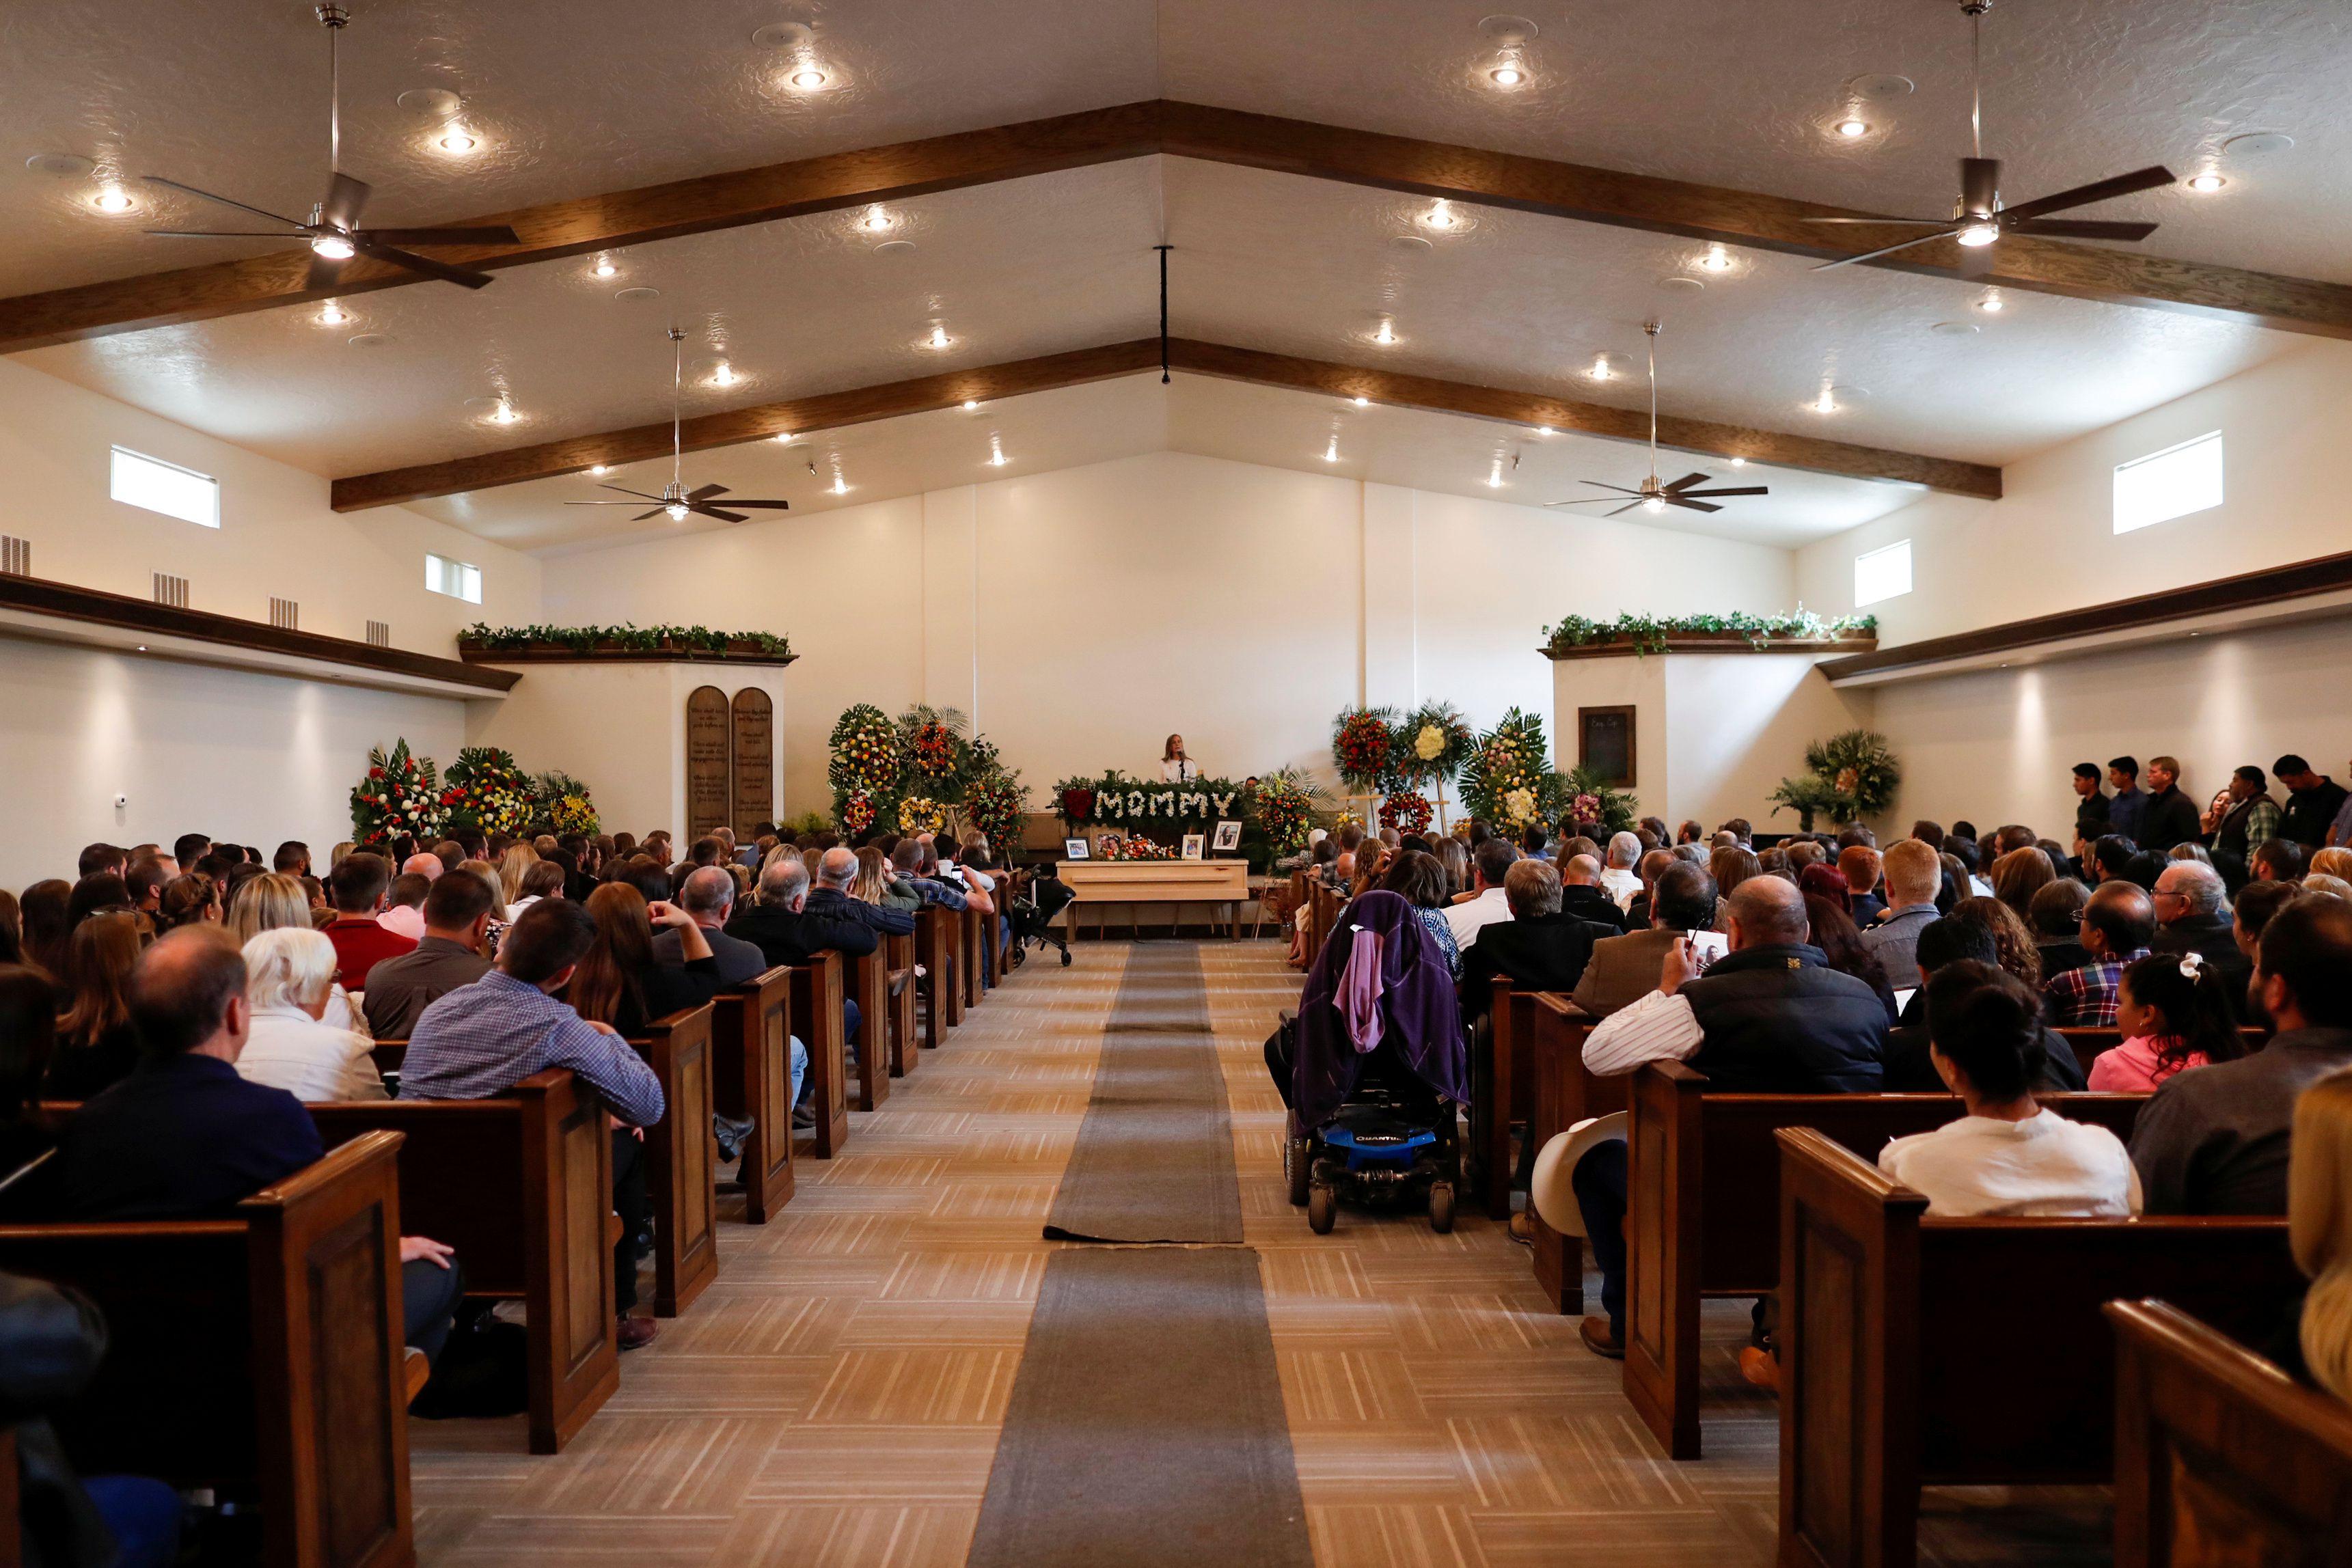 Funerales de Christina Marie Langford Johnson, una de las víctimas del ataque en Bavispe, Sonora (Foto: REUTERS/Carlos Jasso)